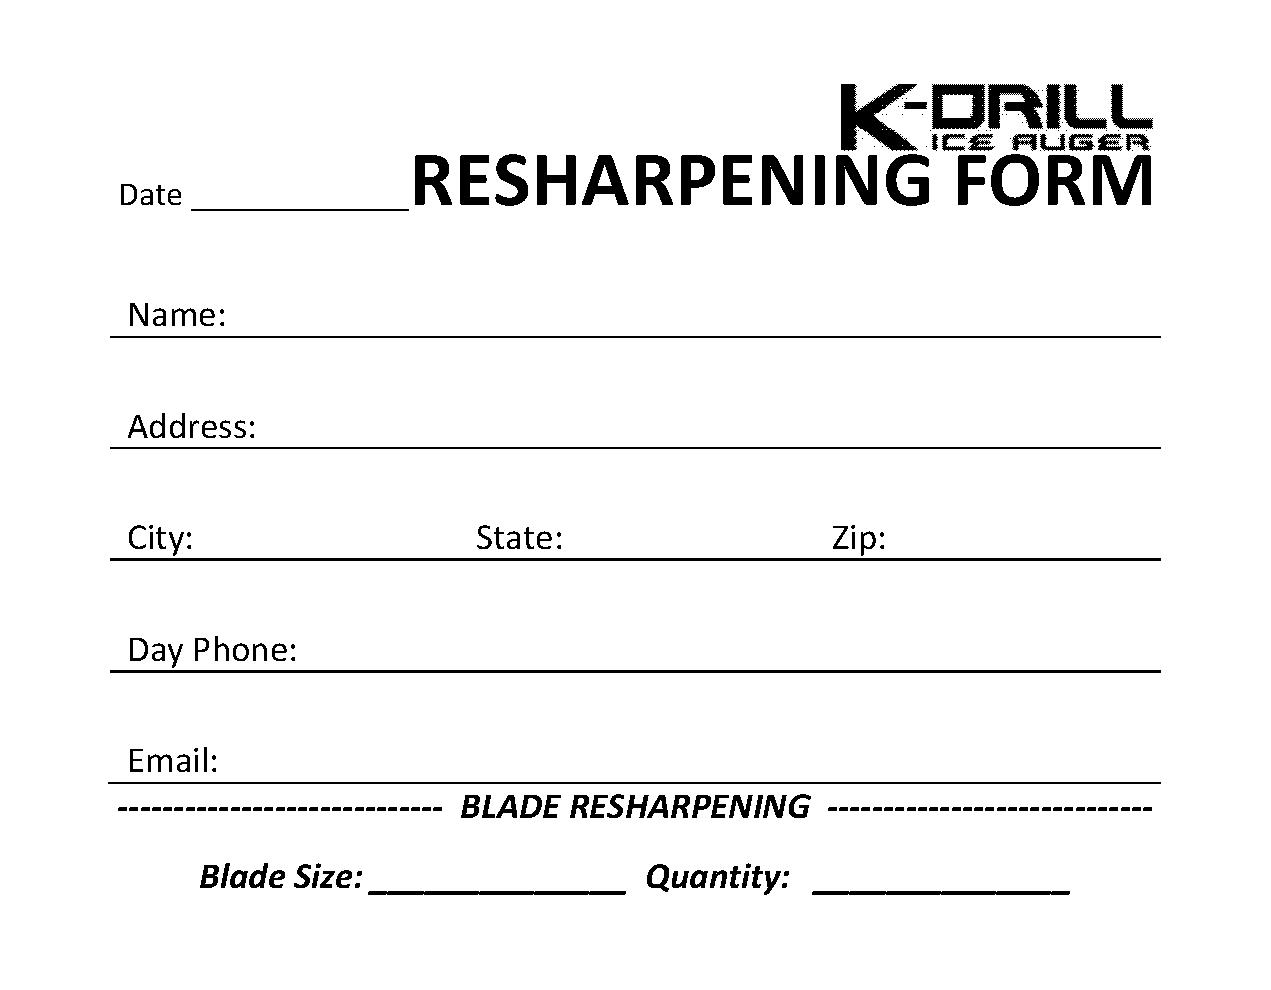 Kdrill Blade Sharpening Form